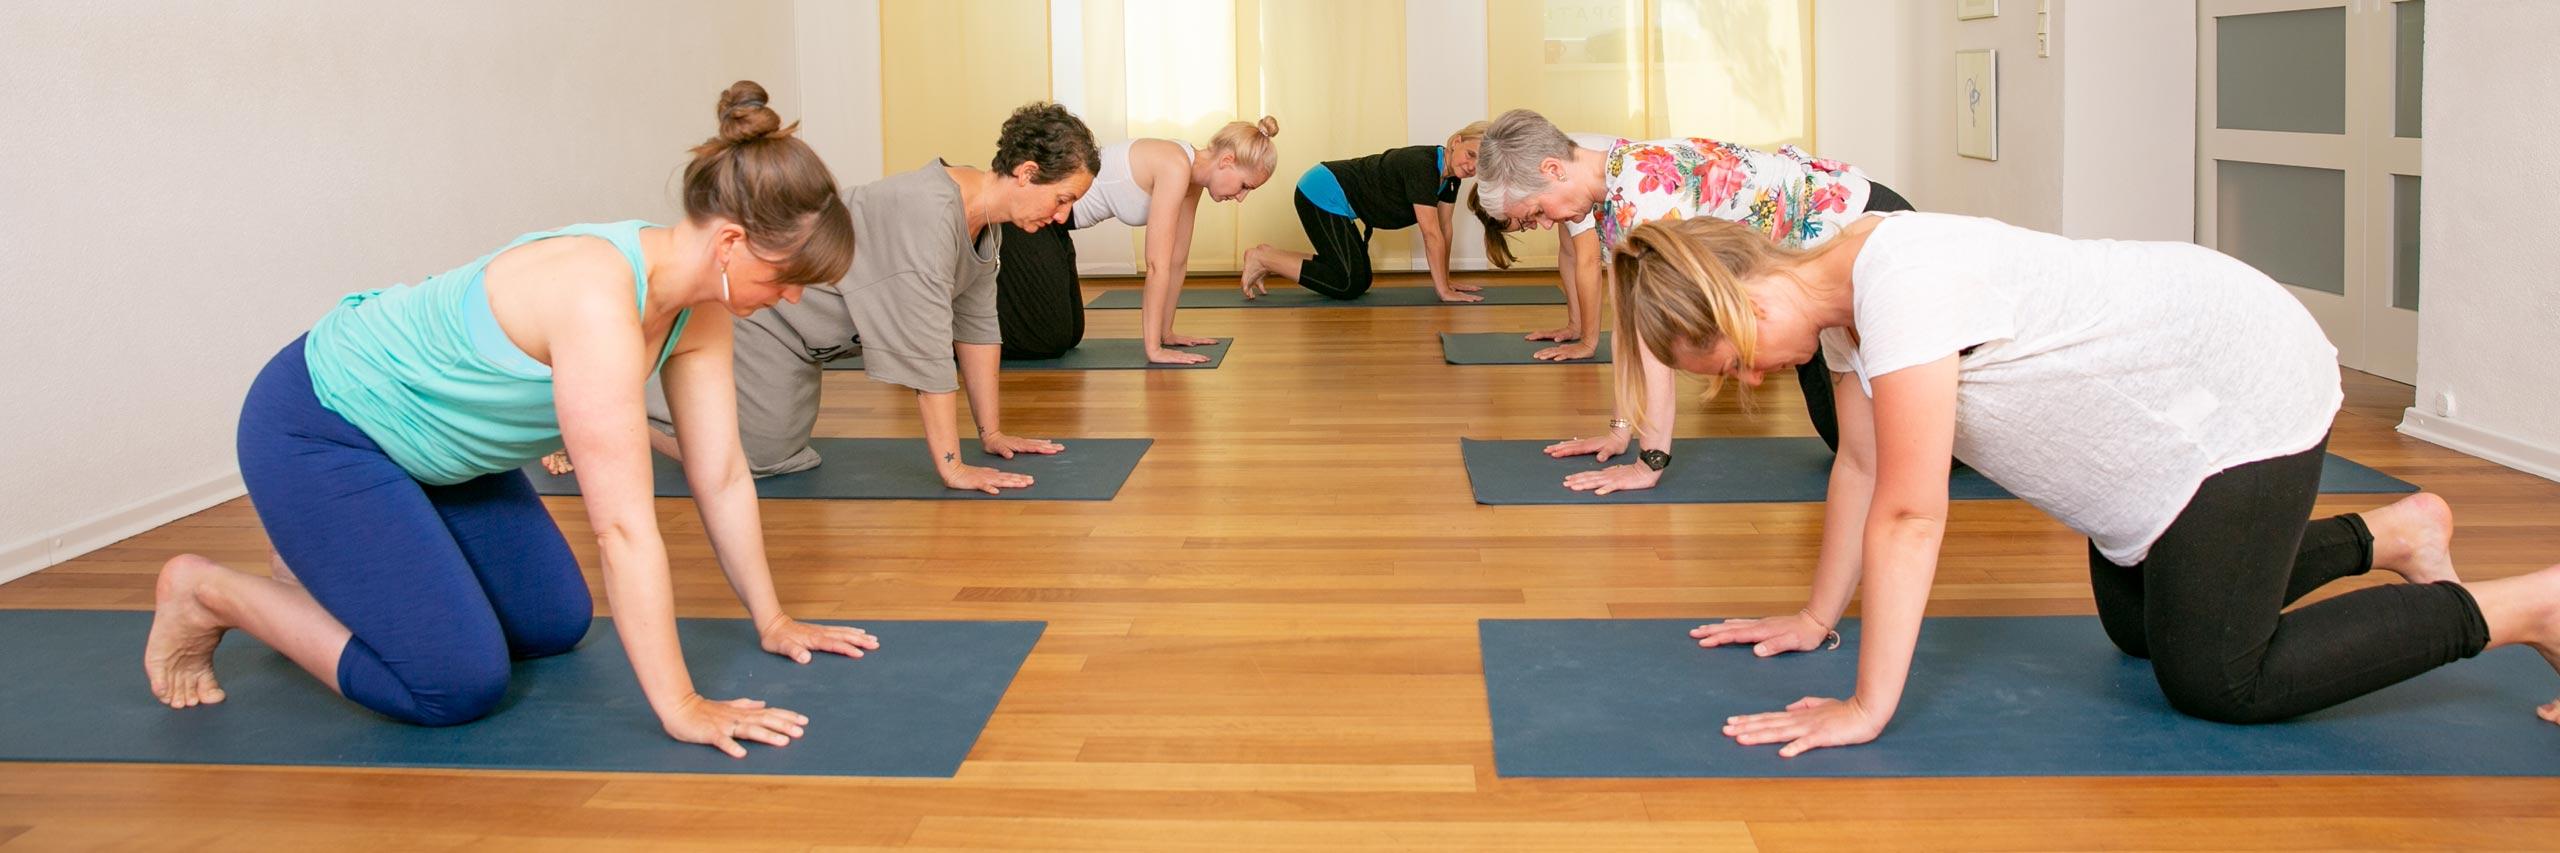 Yoga Friedrichsdorf